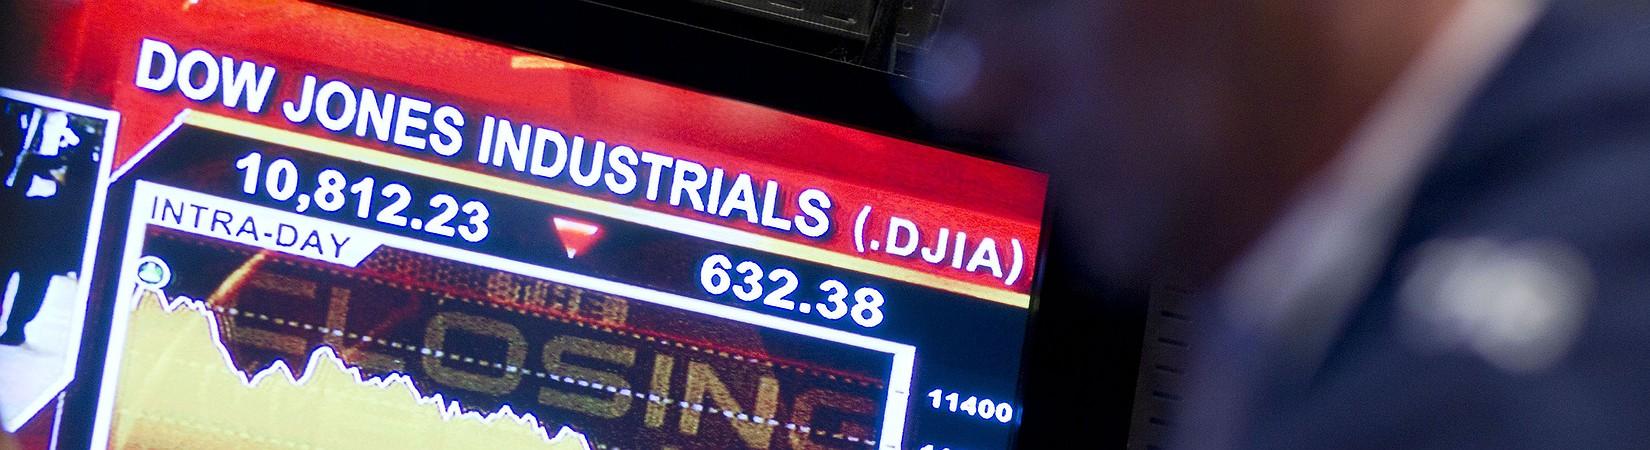 Predicción: Antes de finales de 2016 se espera que el mercado de valores caiga 3 veces